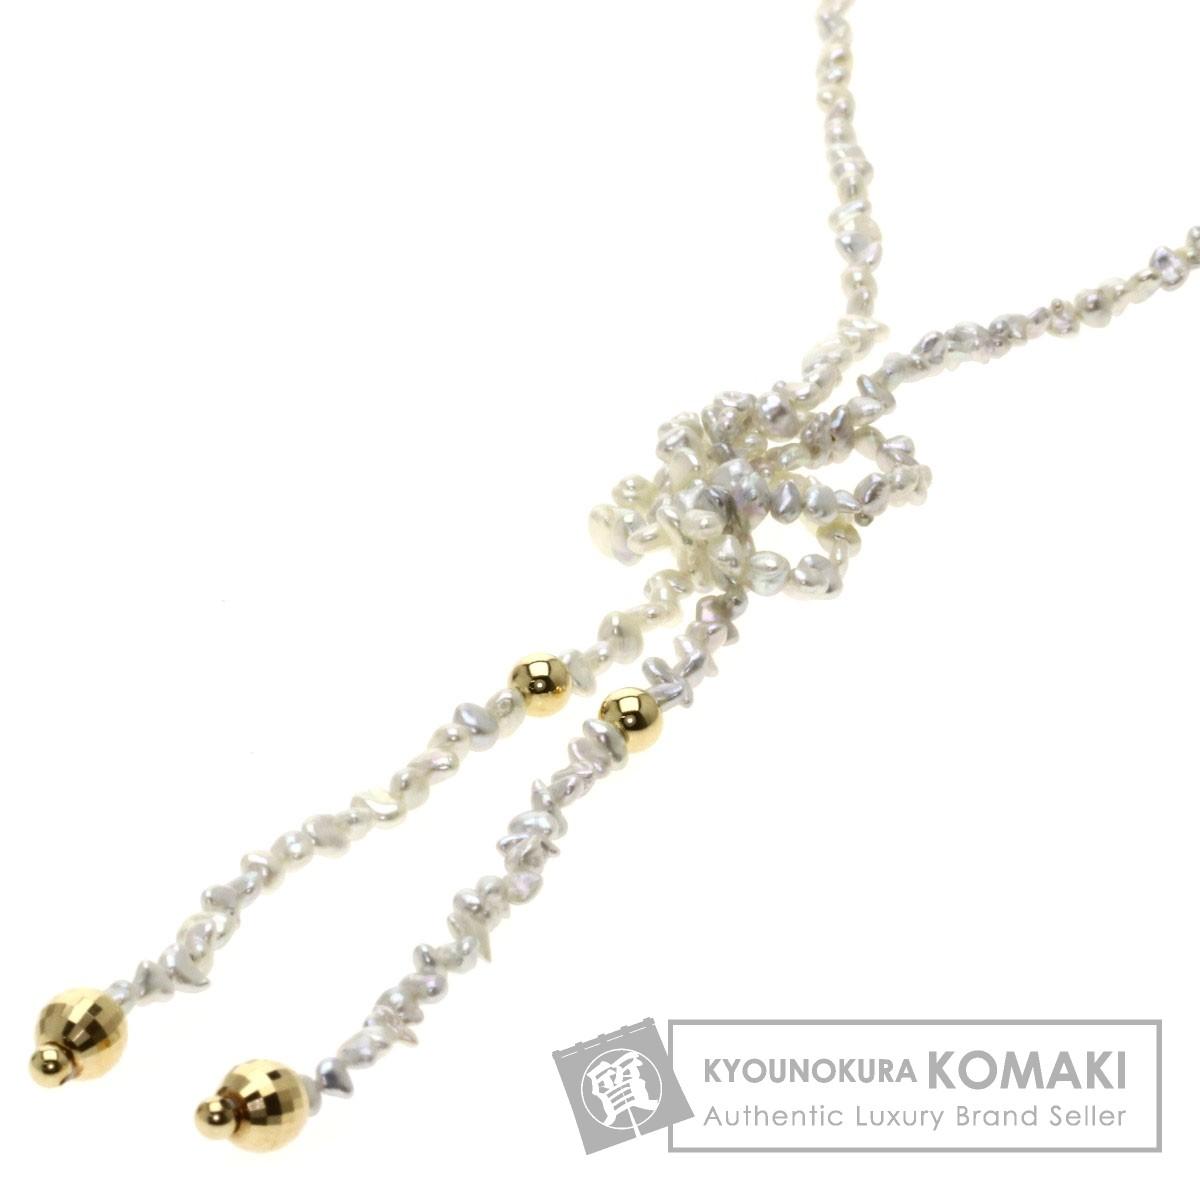 ケシパール/真珠/ロング ネックレス K18イエローゴールド 12g レディース 【中古】